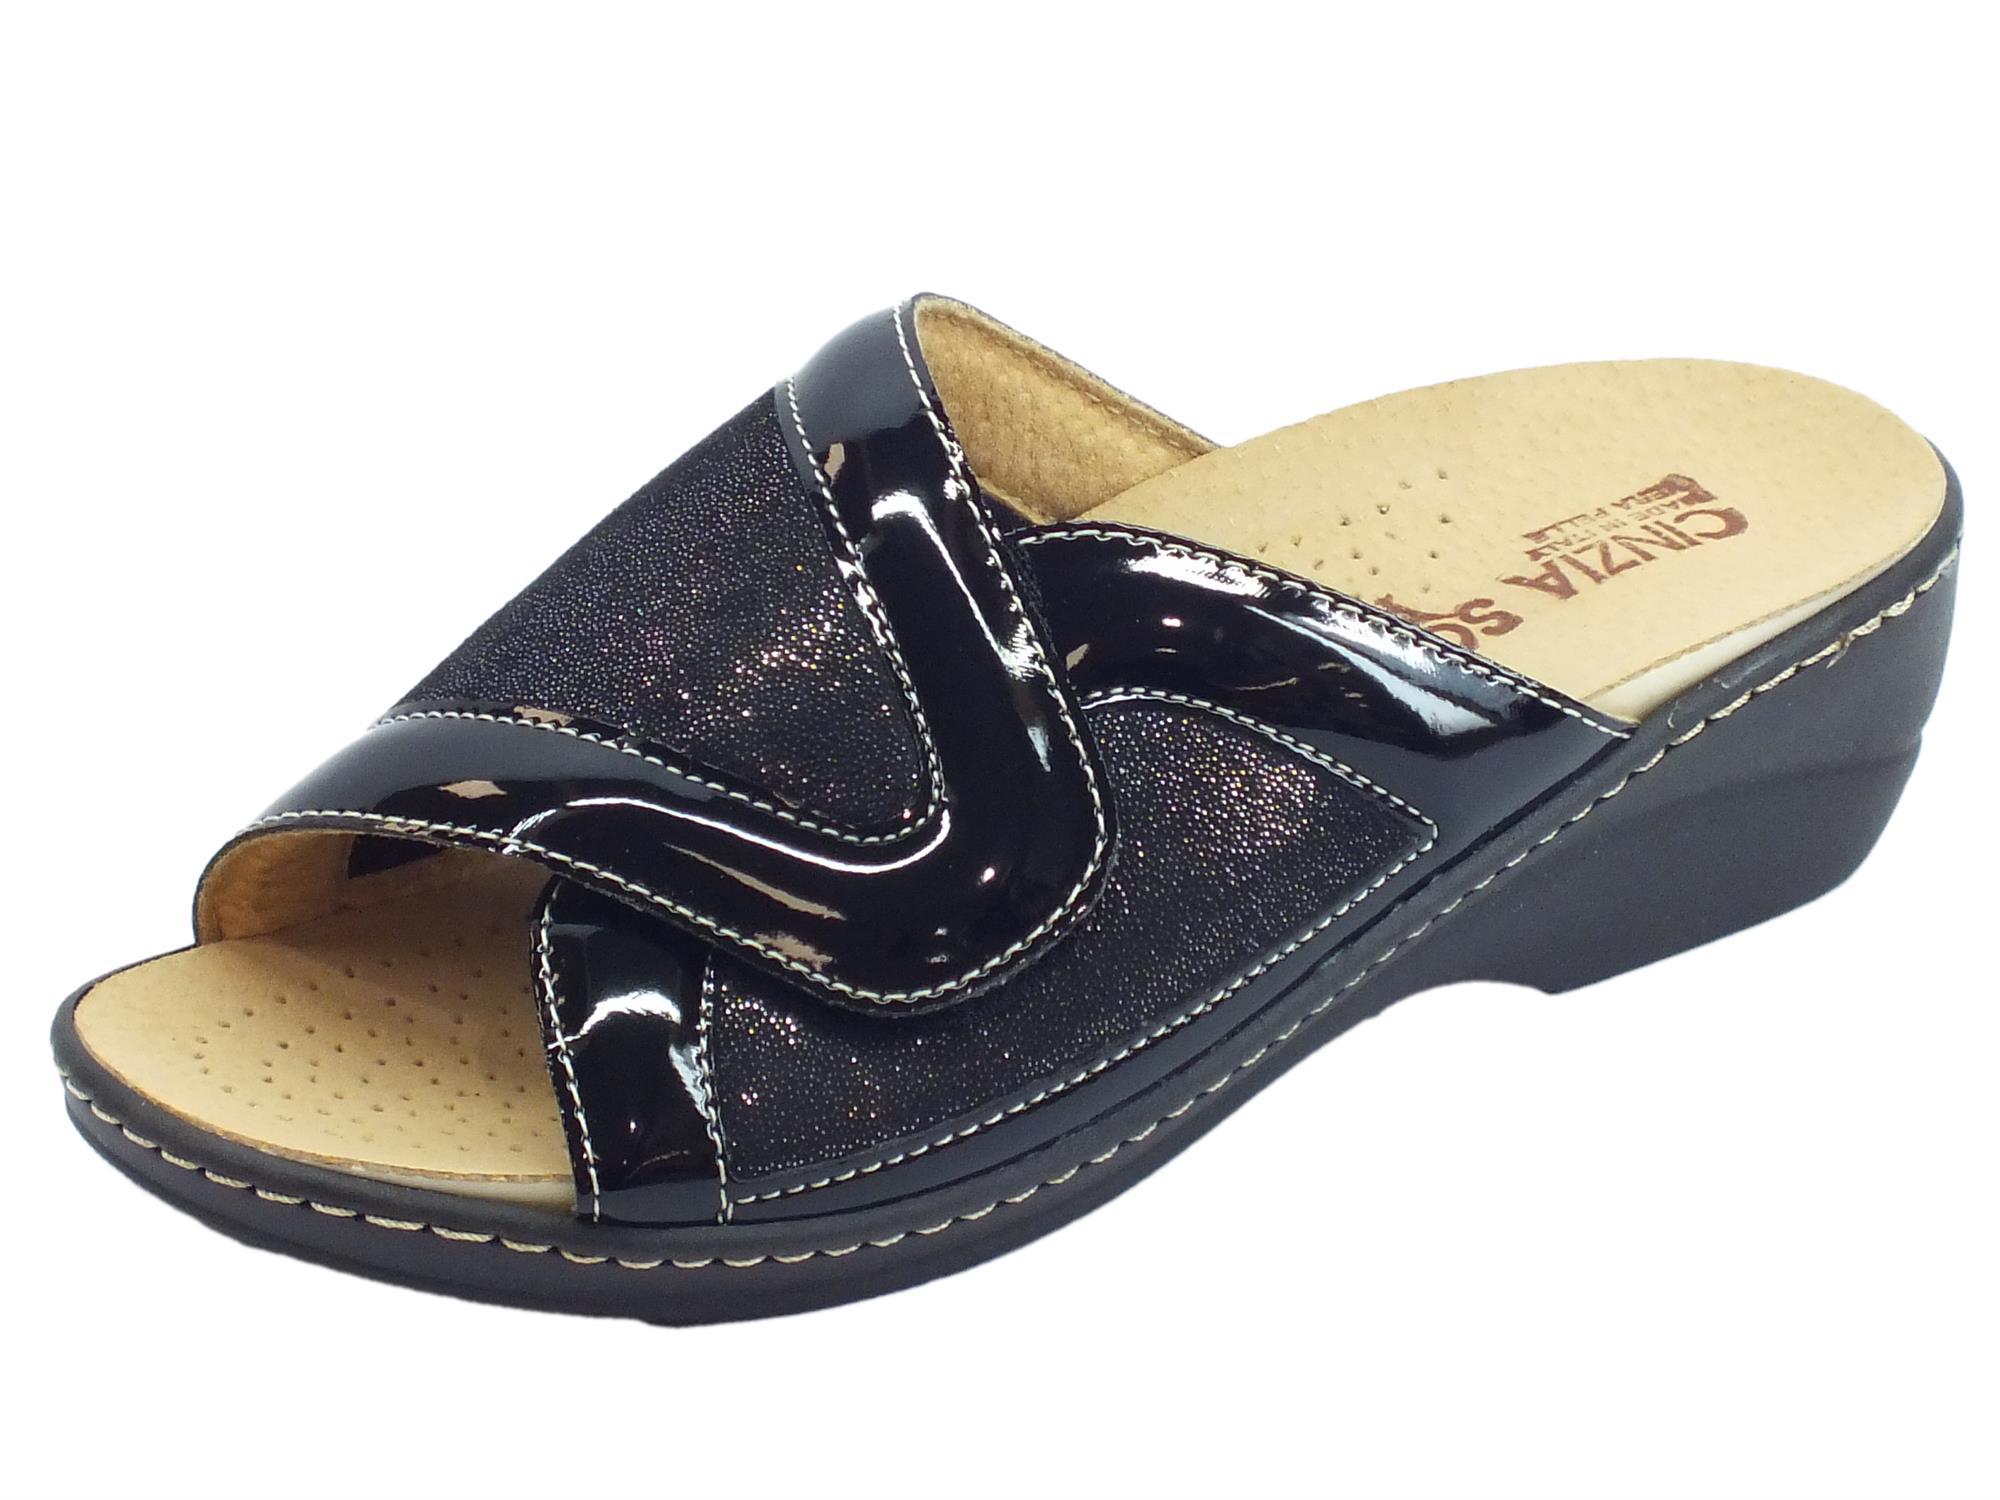 8cb0254eea5ef Cinzia Soft sandali linea comoda vernice tessuto nero sottopiede pelle  estraibile